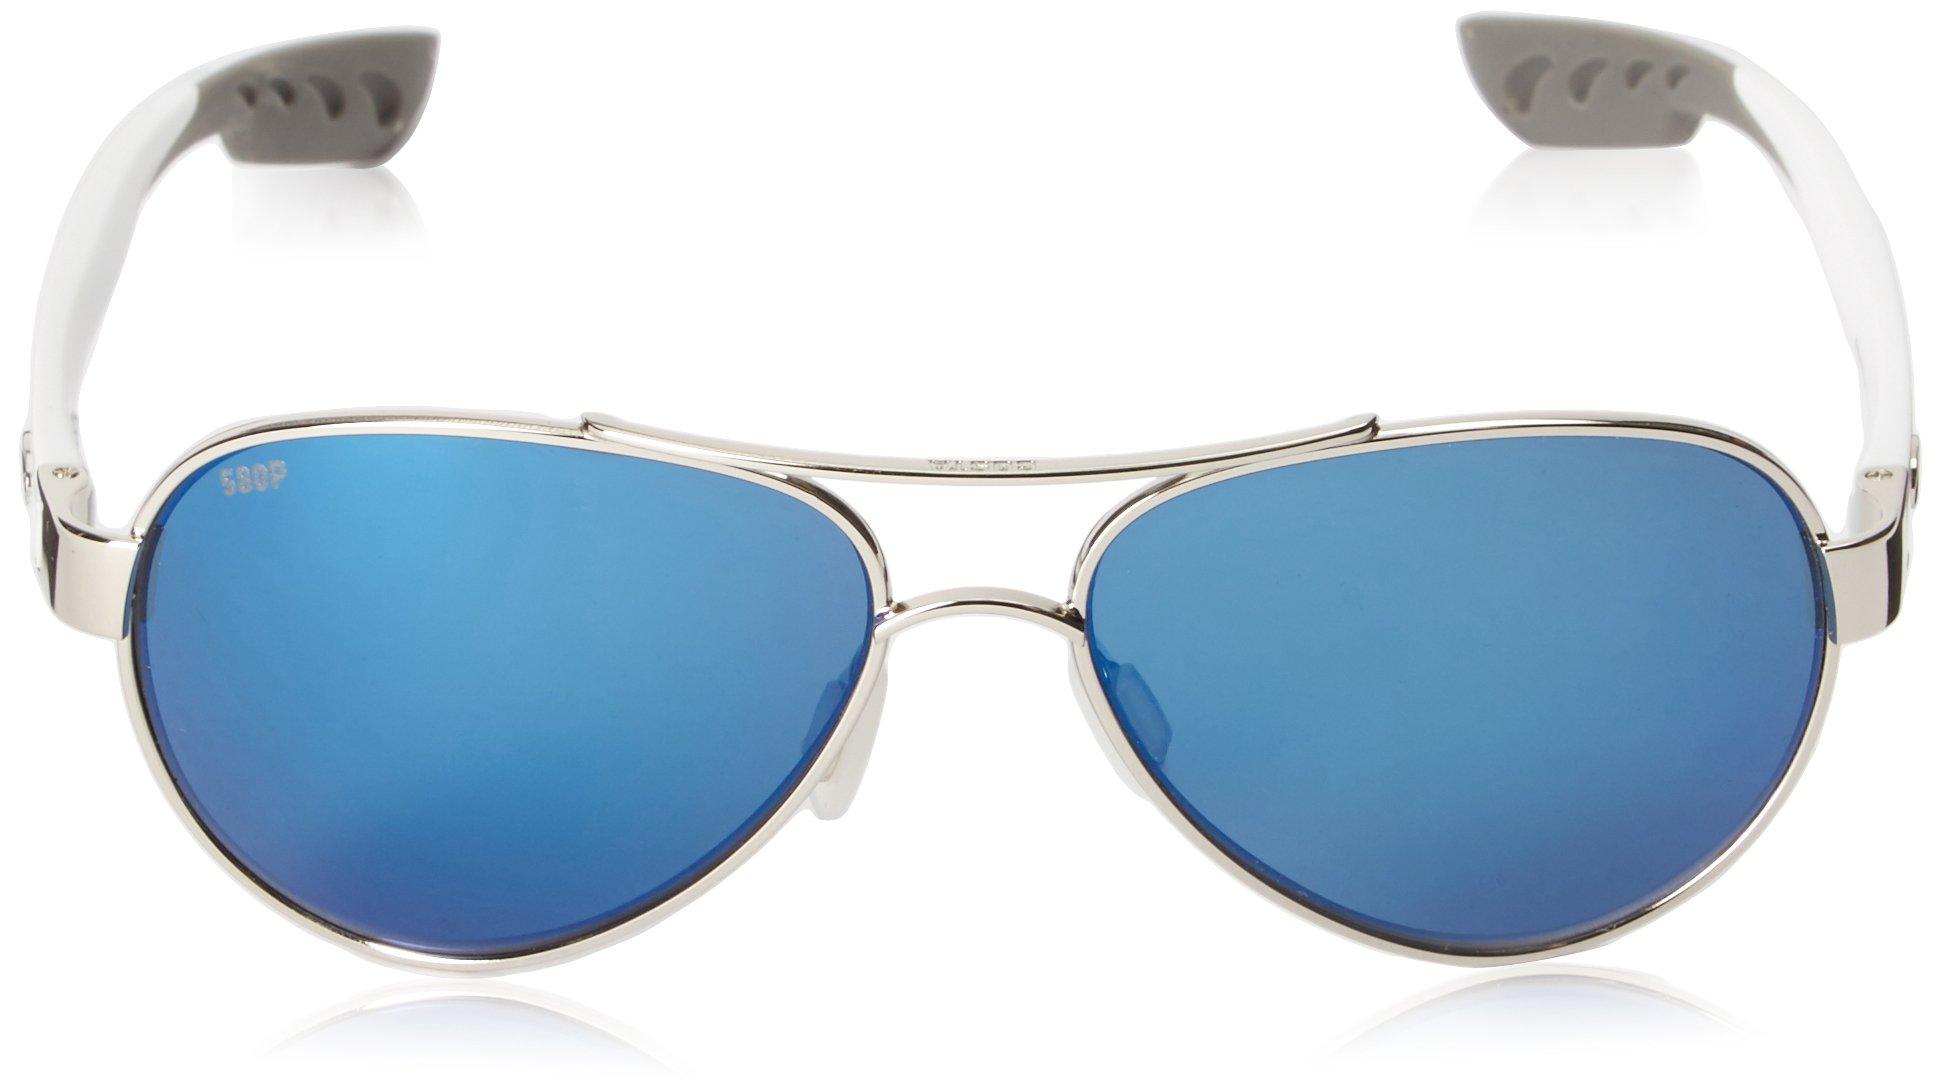 Costa del Mar Loreto Sunglasses Palladium w/White/Blue Mirror 580Plastic by Costa Del Mar (Image #2)